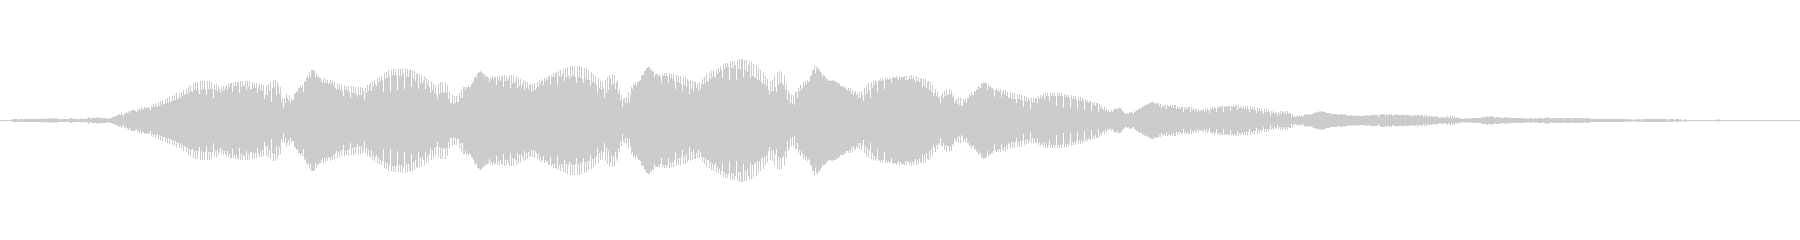 オリエンタルキッチン、メタルゴング...の未再生の波形